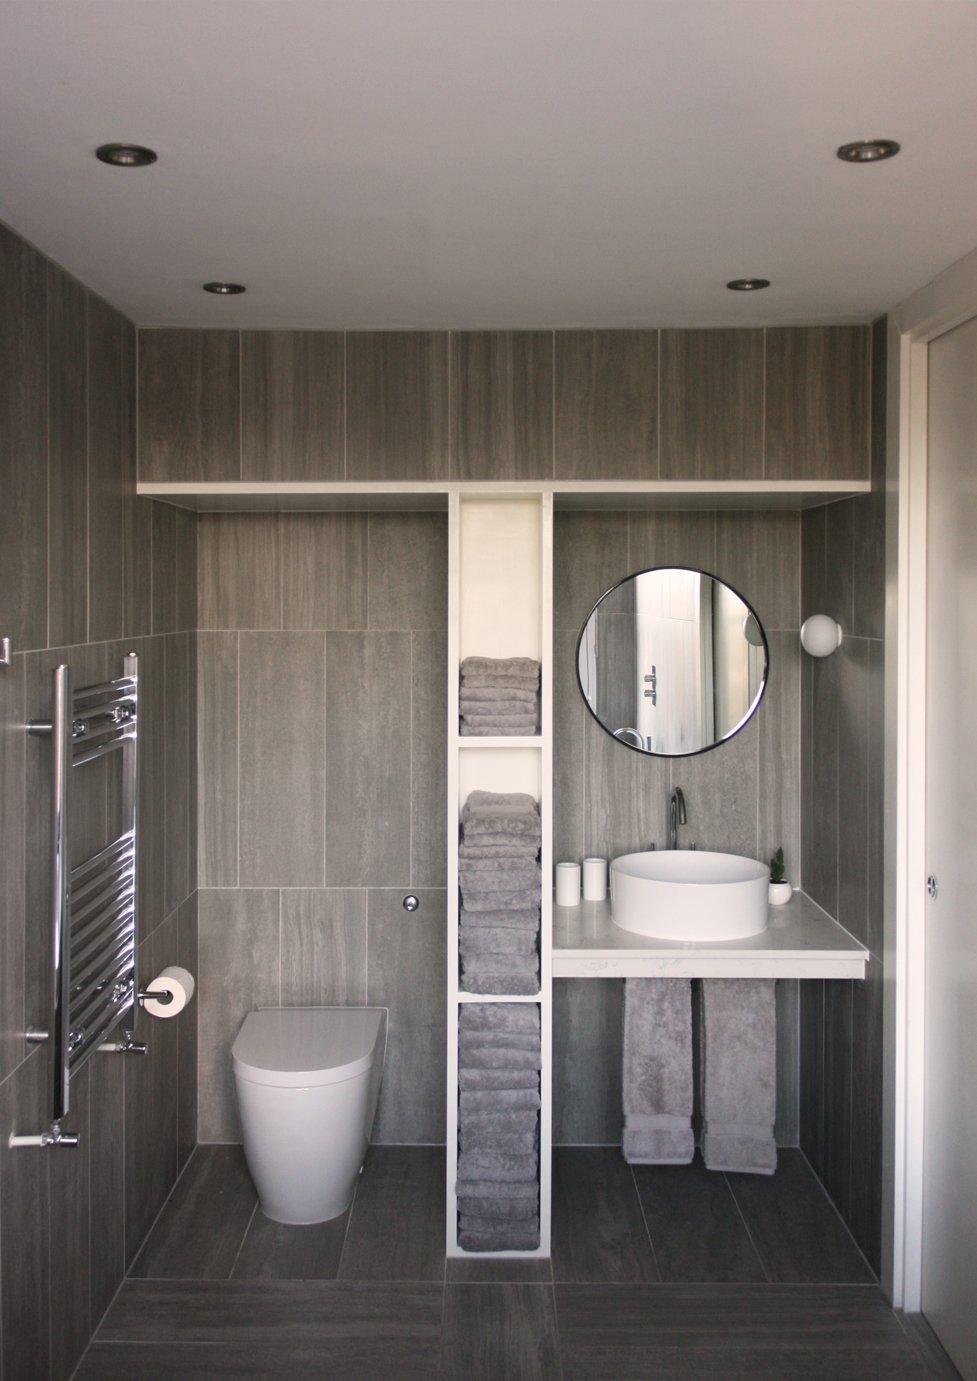 Bath Room, Engineered Quartz Counter, Vessel Sink, Ceramic Tile Floor, and Ceramic Tile Wall En-suite bathroom  The Yellow Door by Tactus Design Workshop